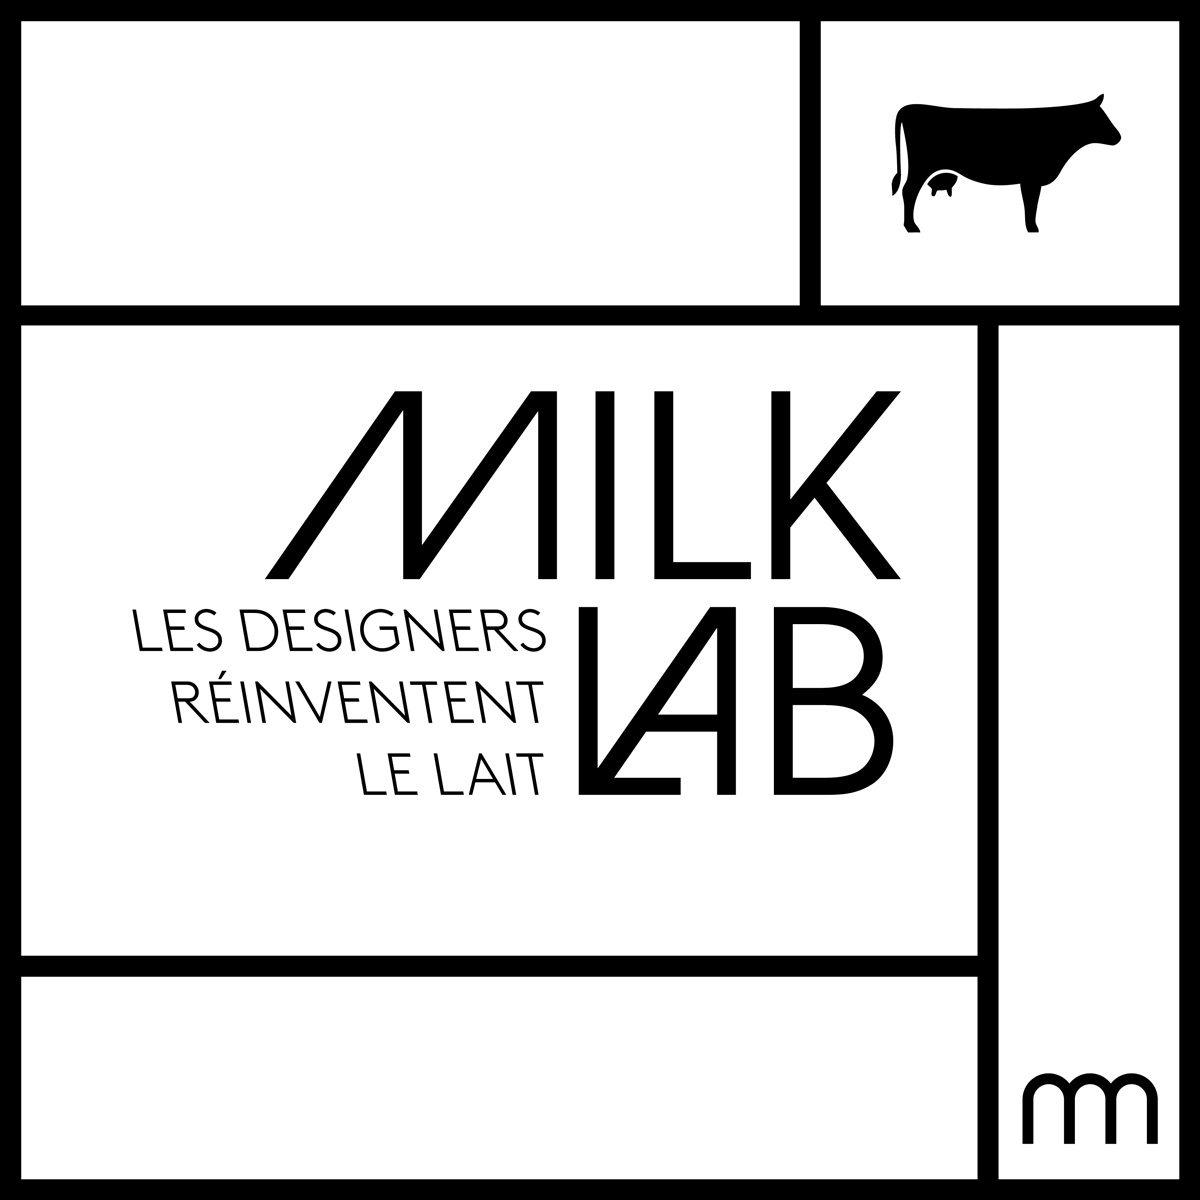 """Identité visuelle de l'exposition Milk Lab """"Les designers réinventent le lait"""", direction artistique, branding Ich&Kar"""